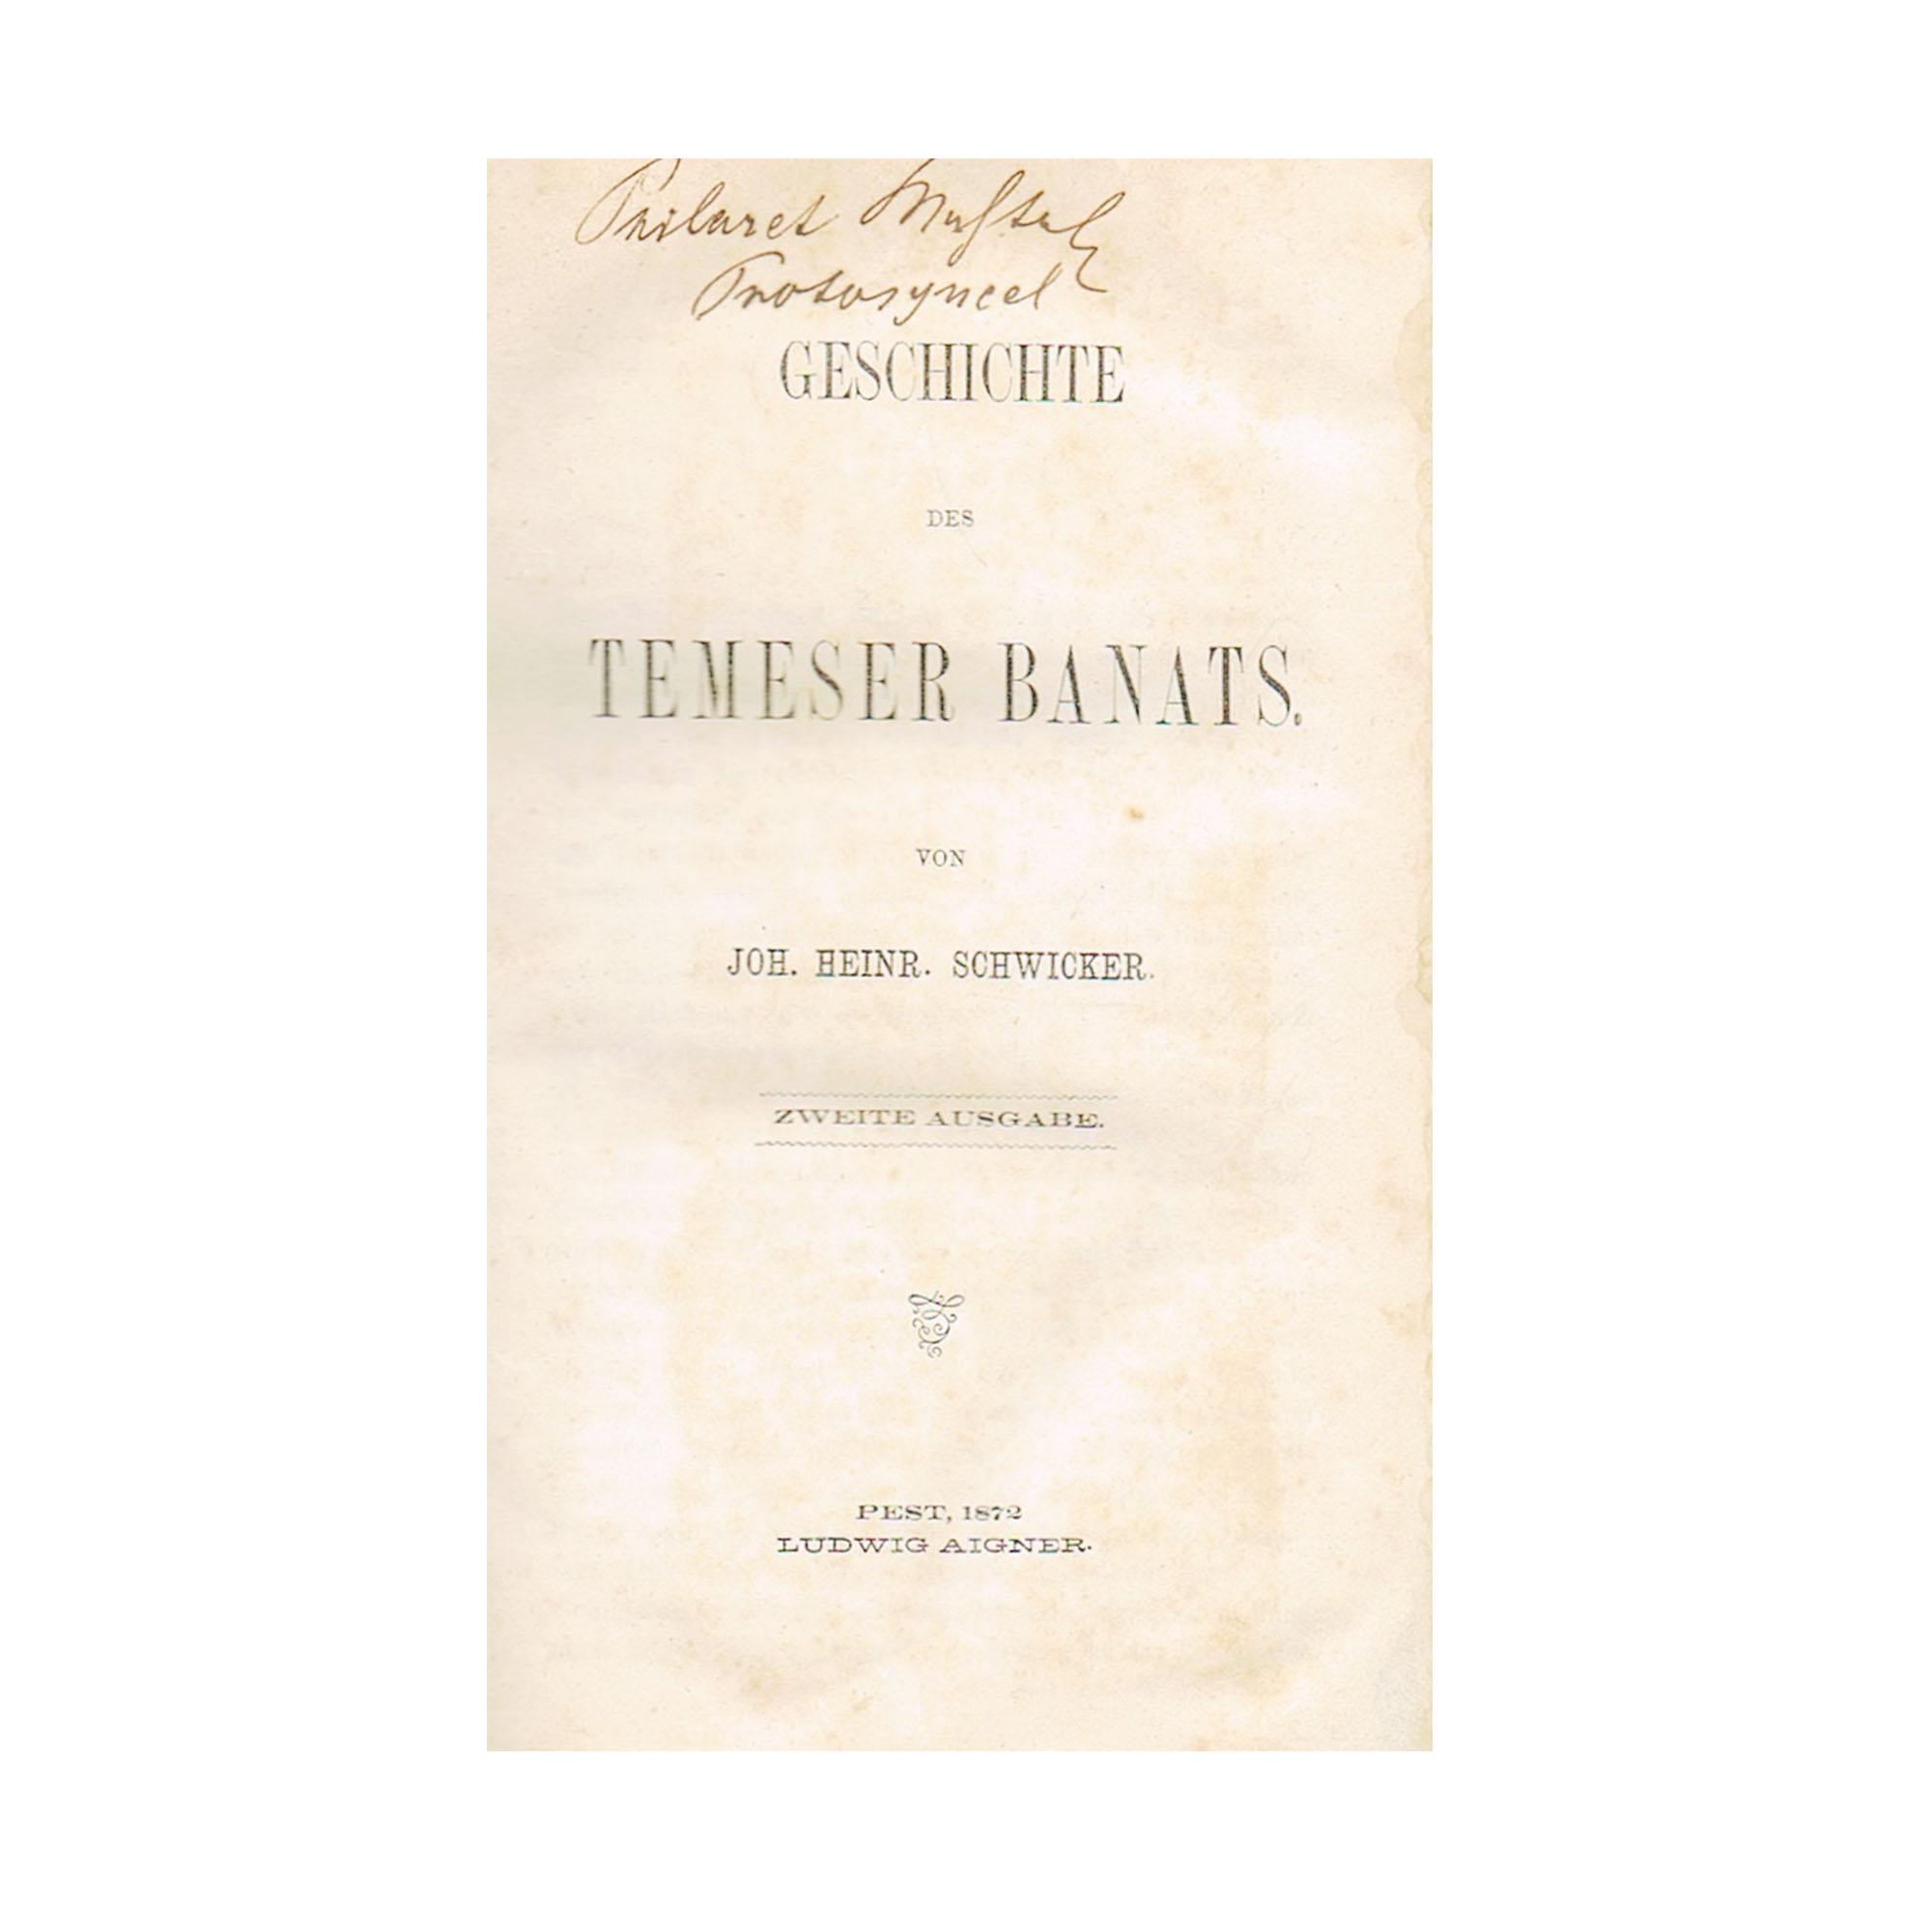 5239-Schwicker-Temeser-Banat-1872-N.jpeg